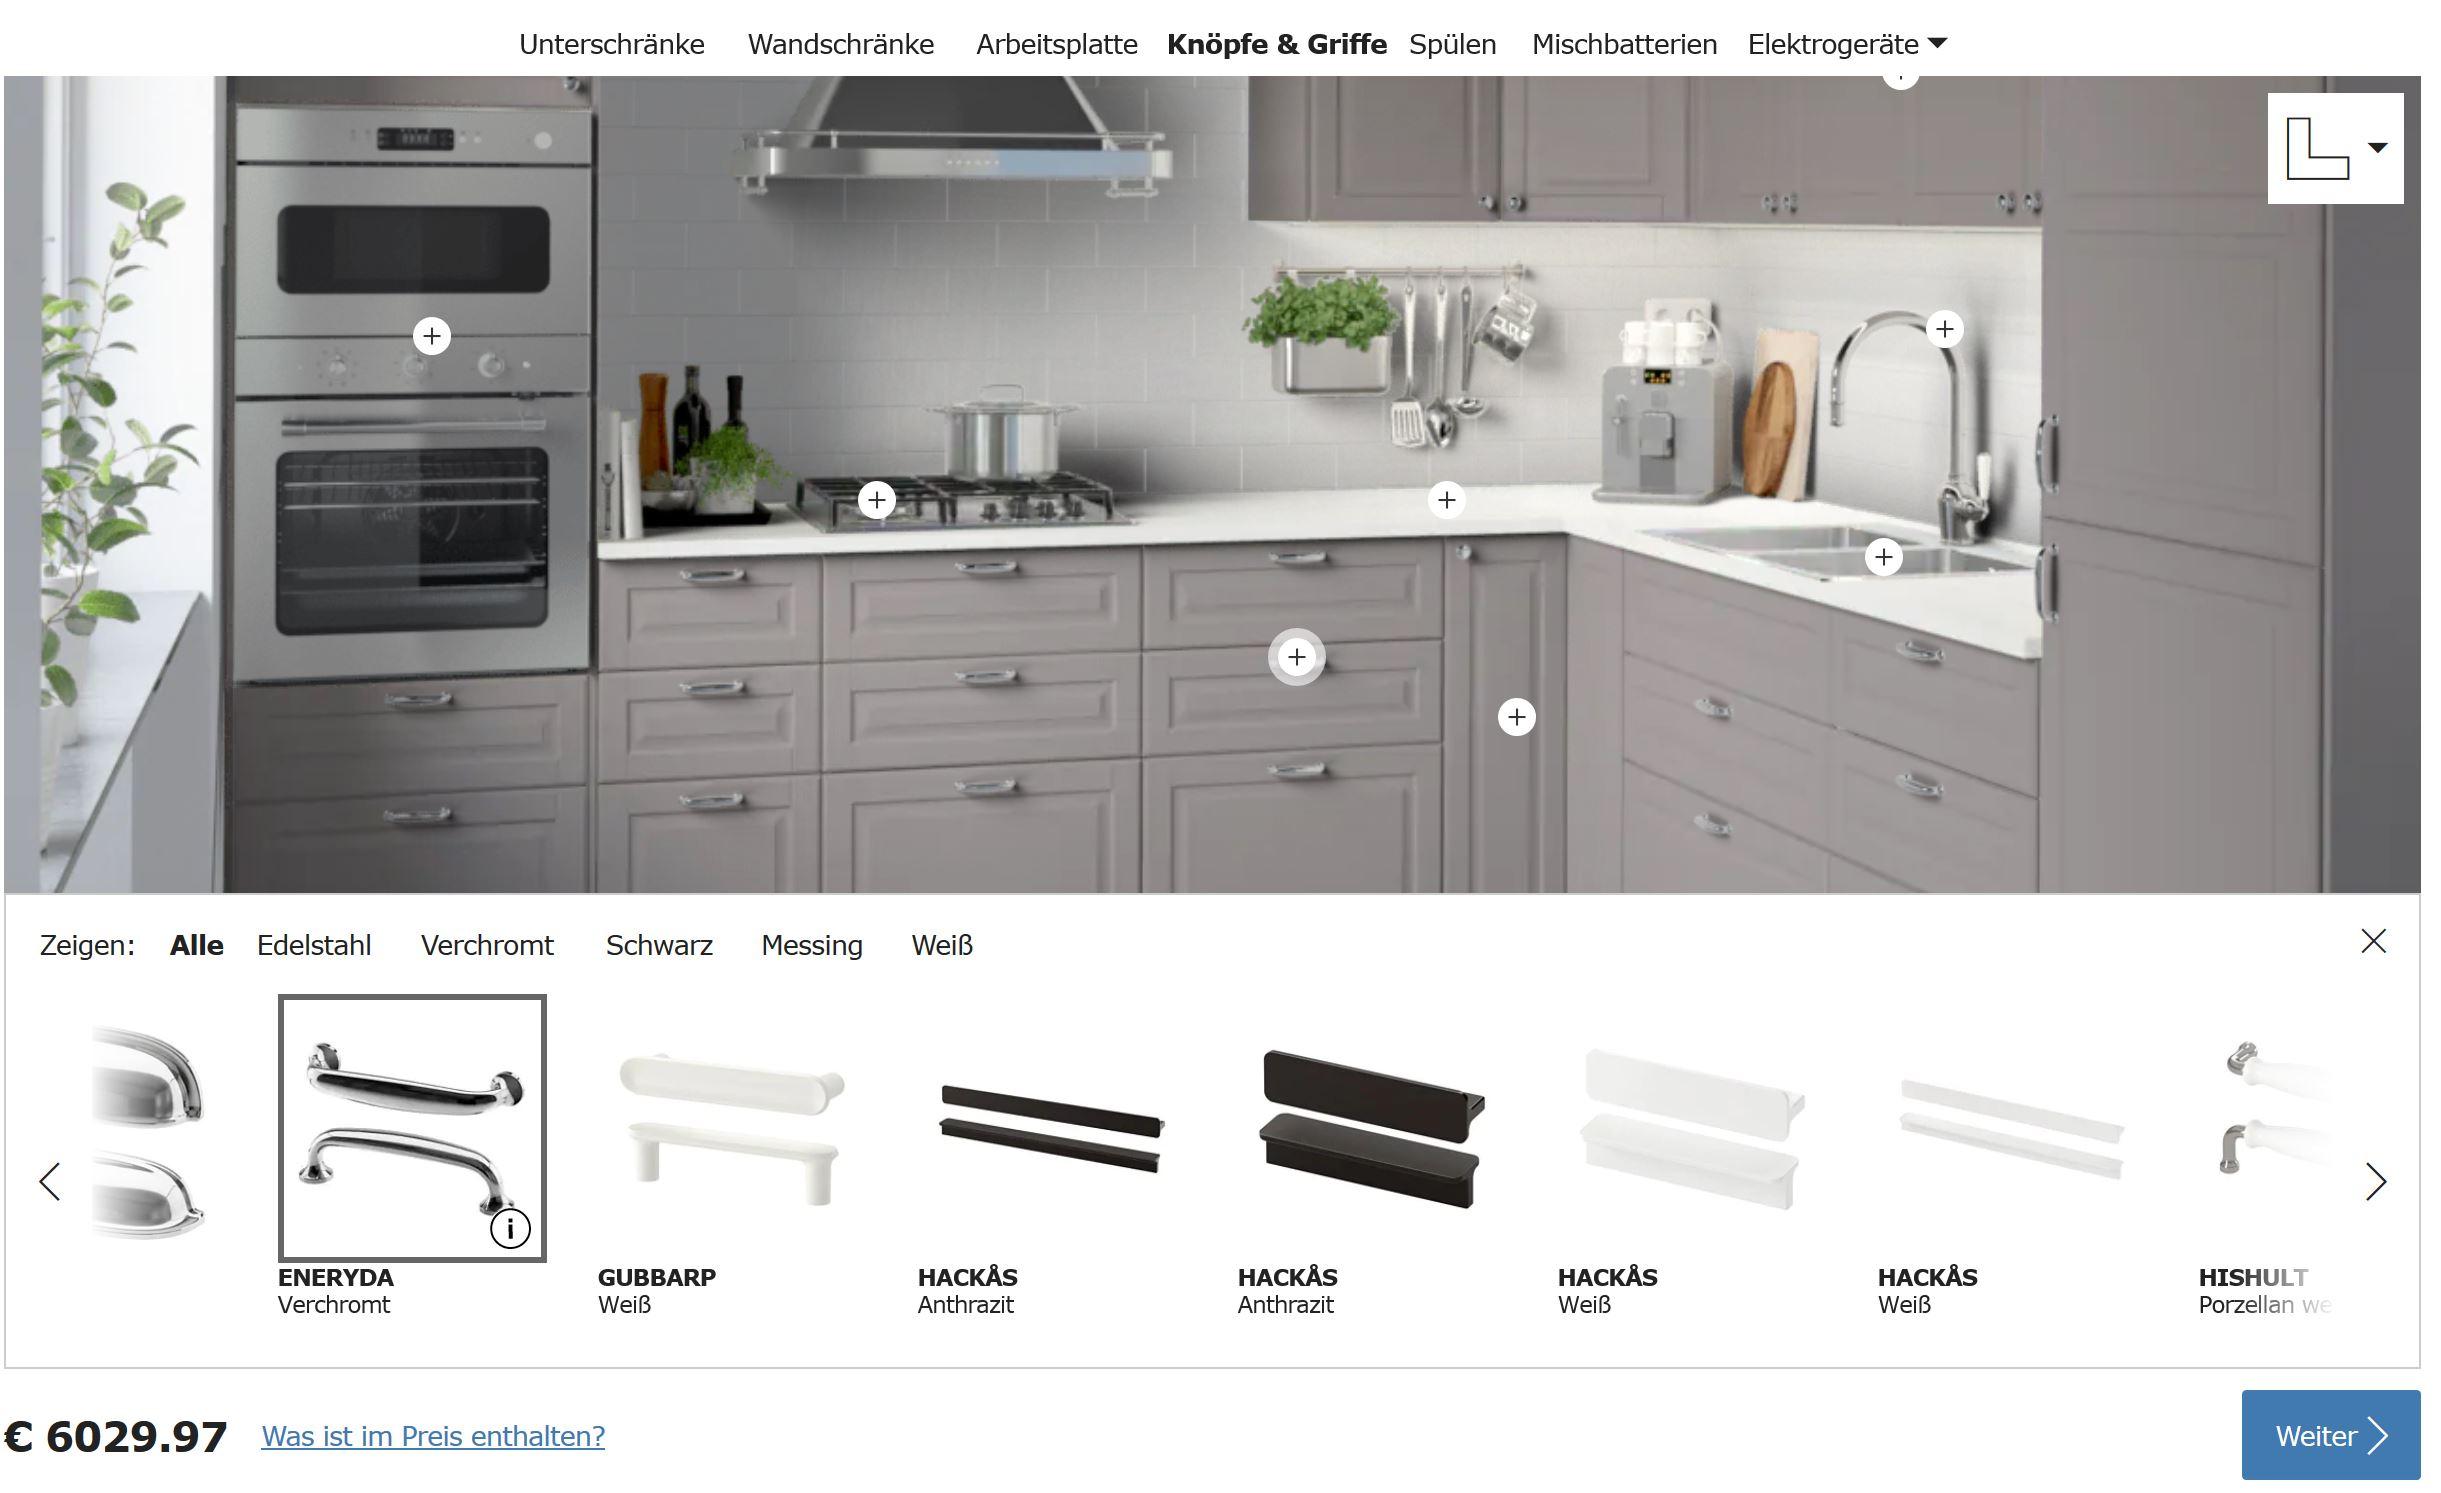 Ikea Kuche Kaufen Unsere Erfahrungen Wie Schneiden Ikea Kuchen Im Vergleich Zu Kuchen Von Anderen Herstellern Ab 2020